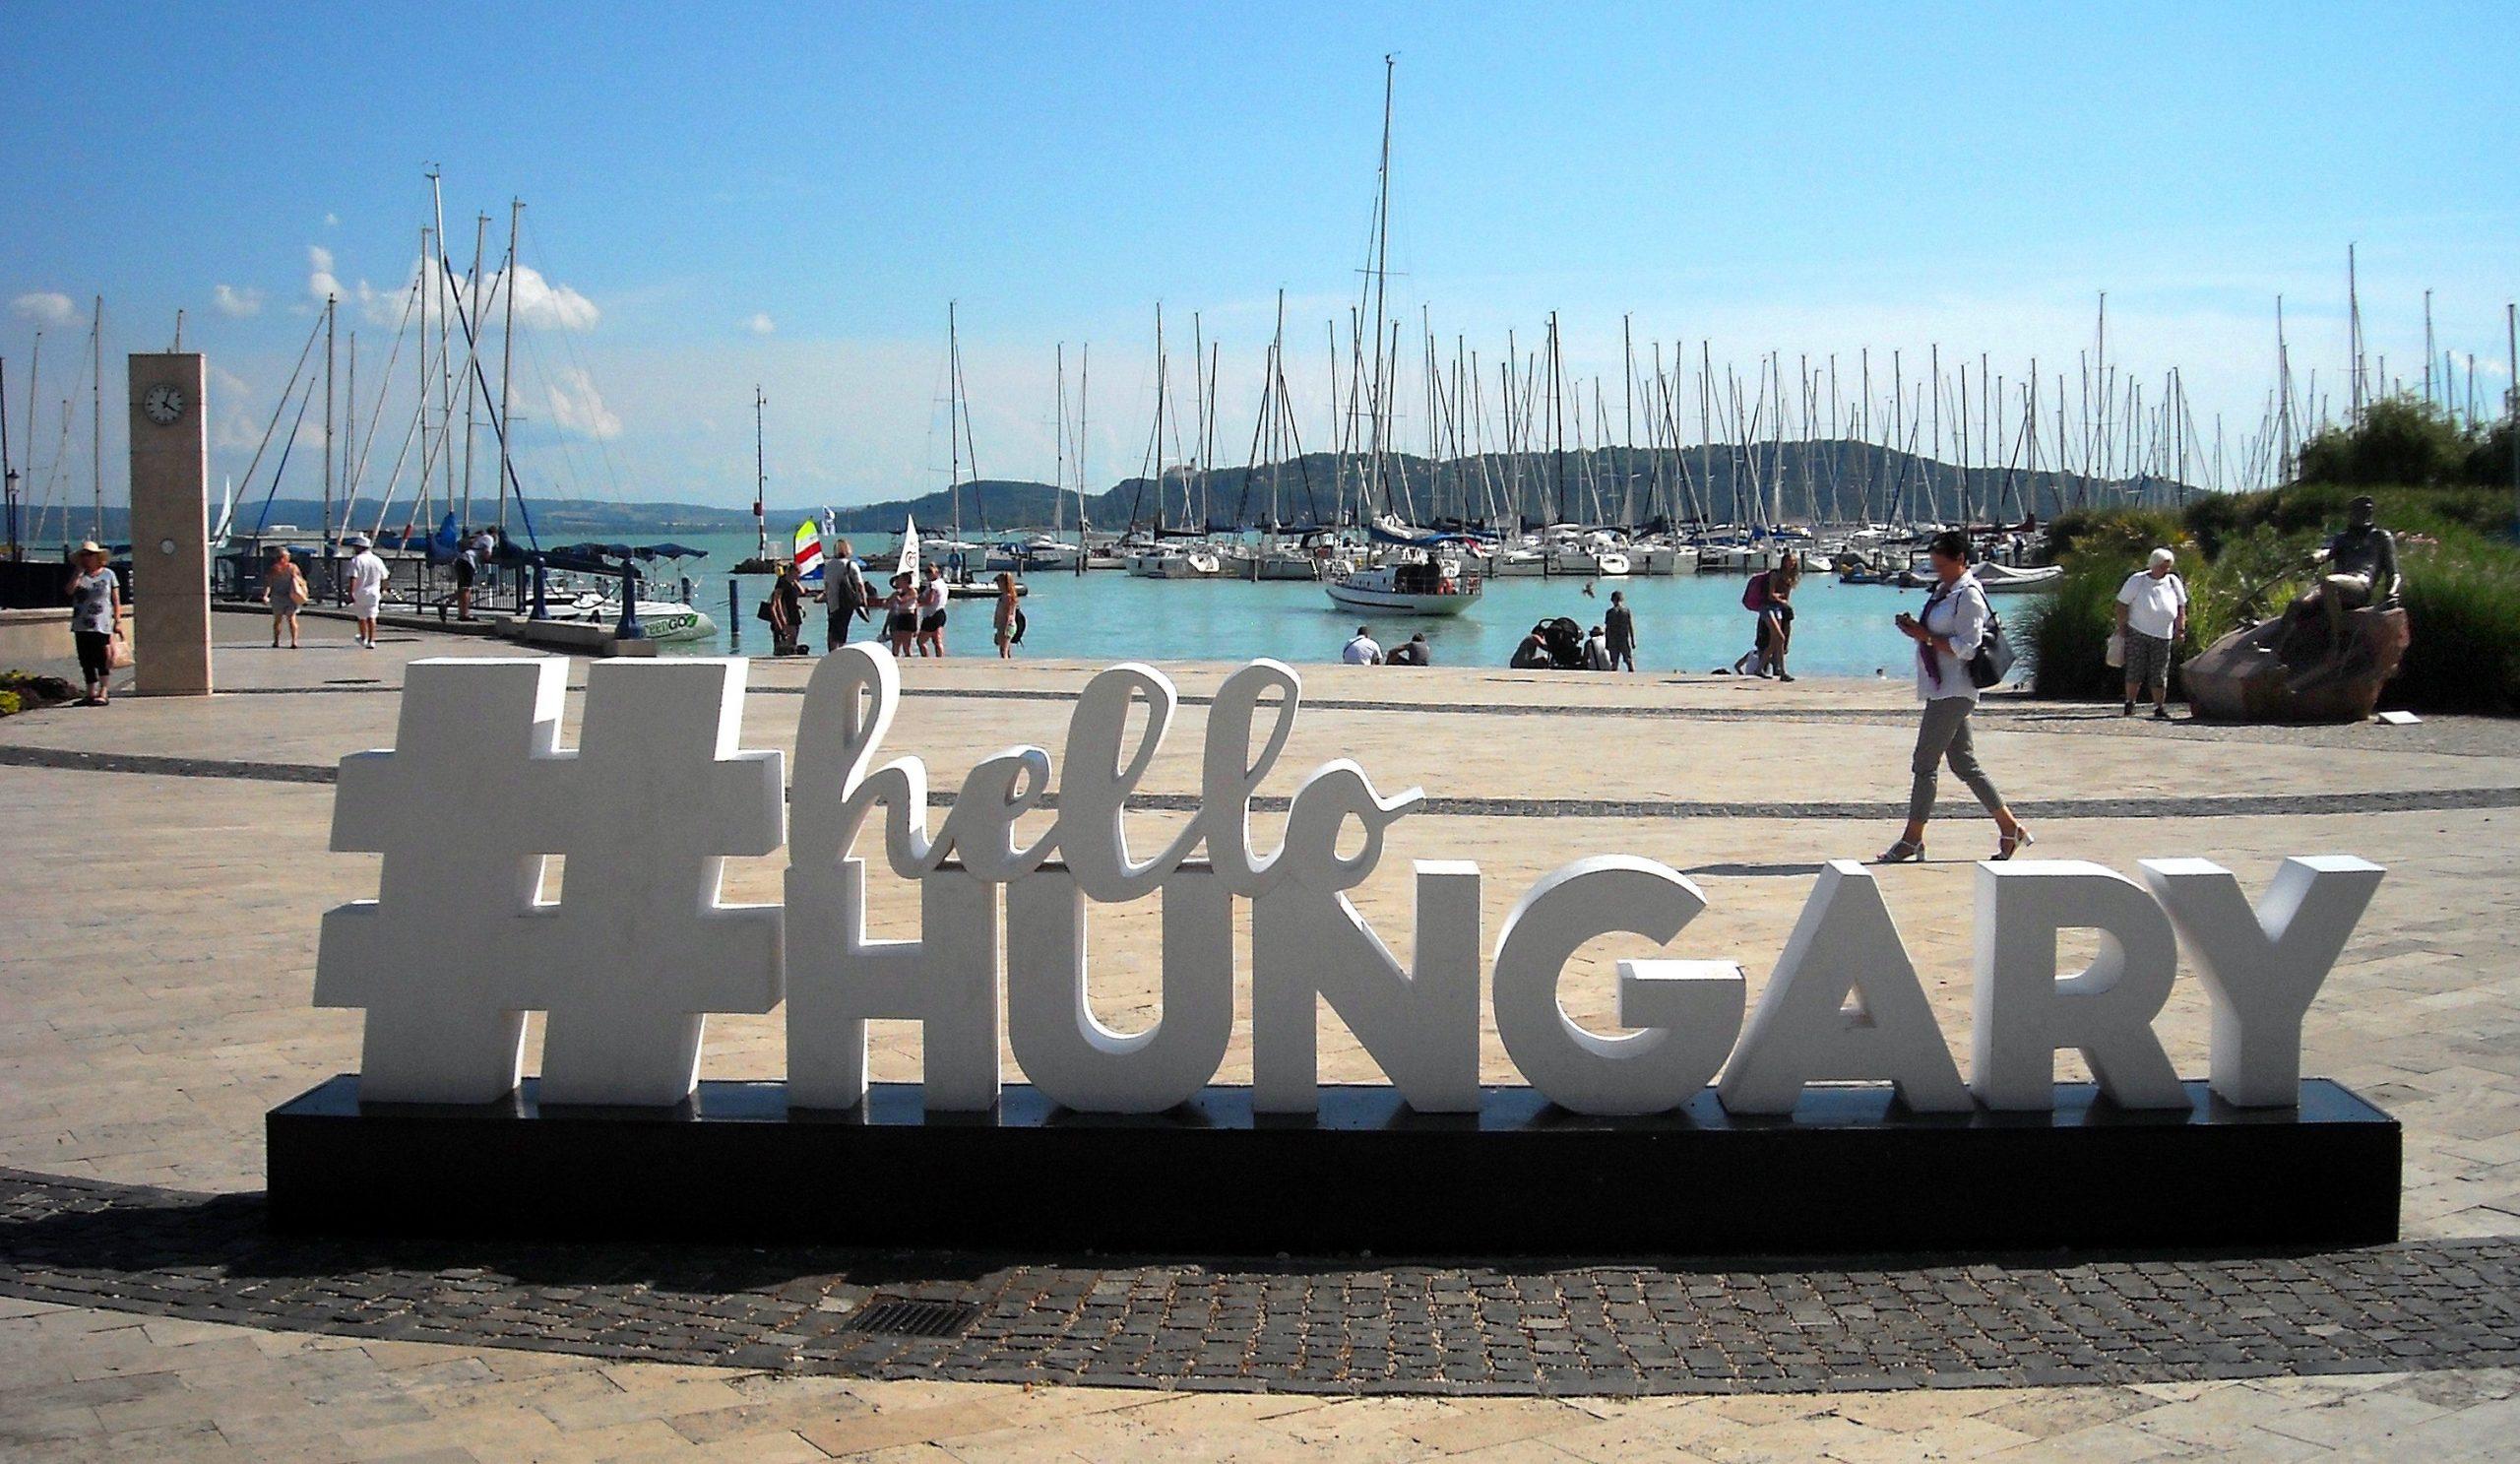 Wann können ausländische Touristen nach Ungarn kommen?